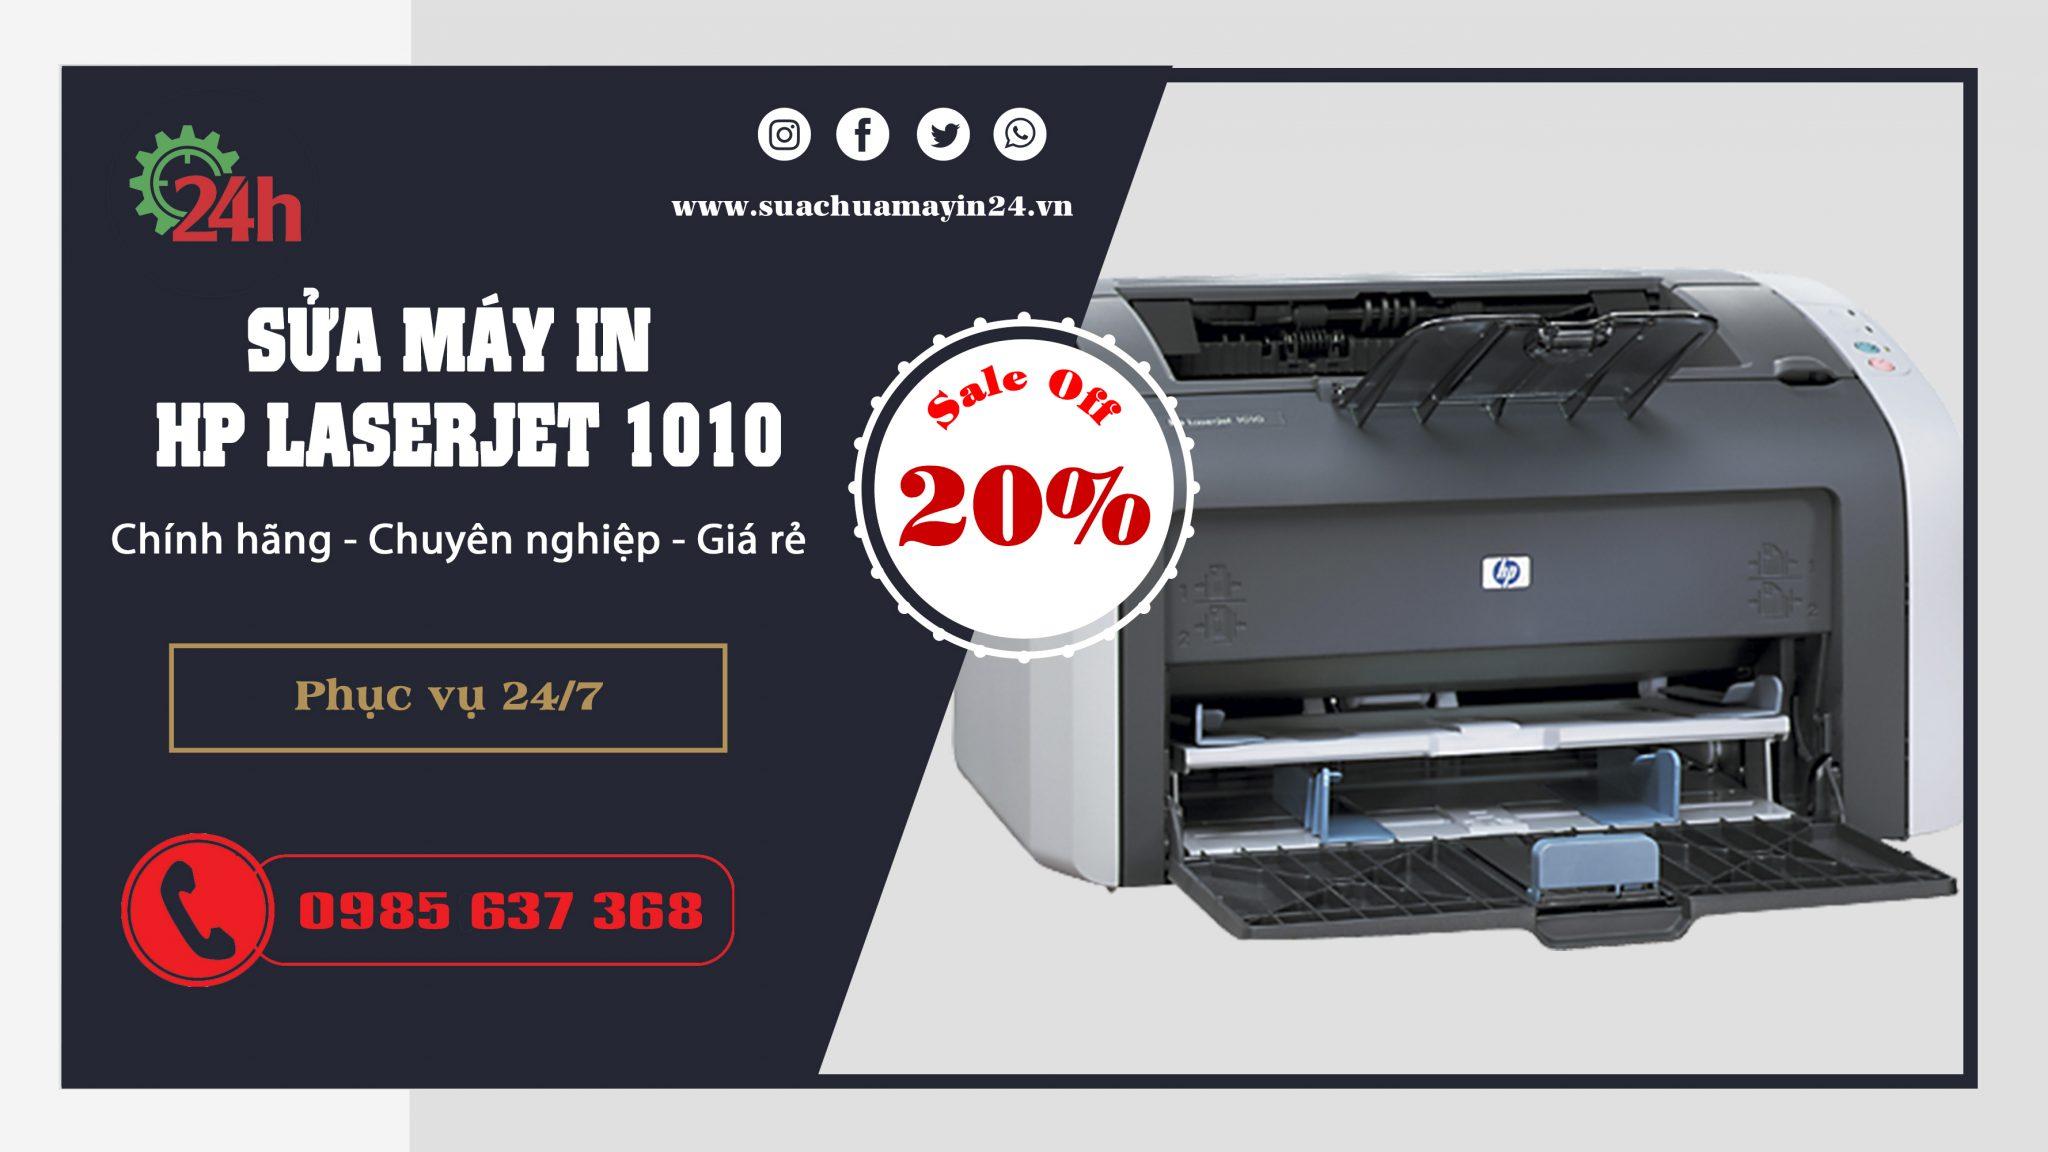 sua-may-in-hp-laserjet-1010